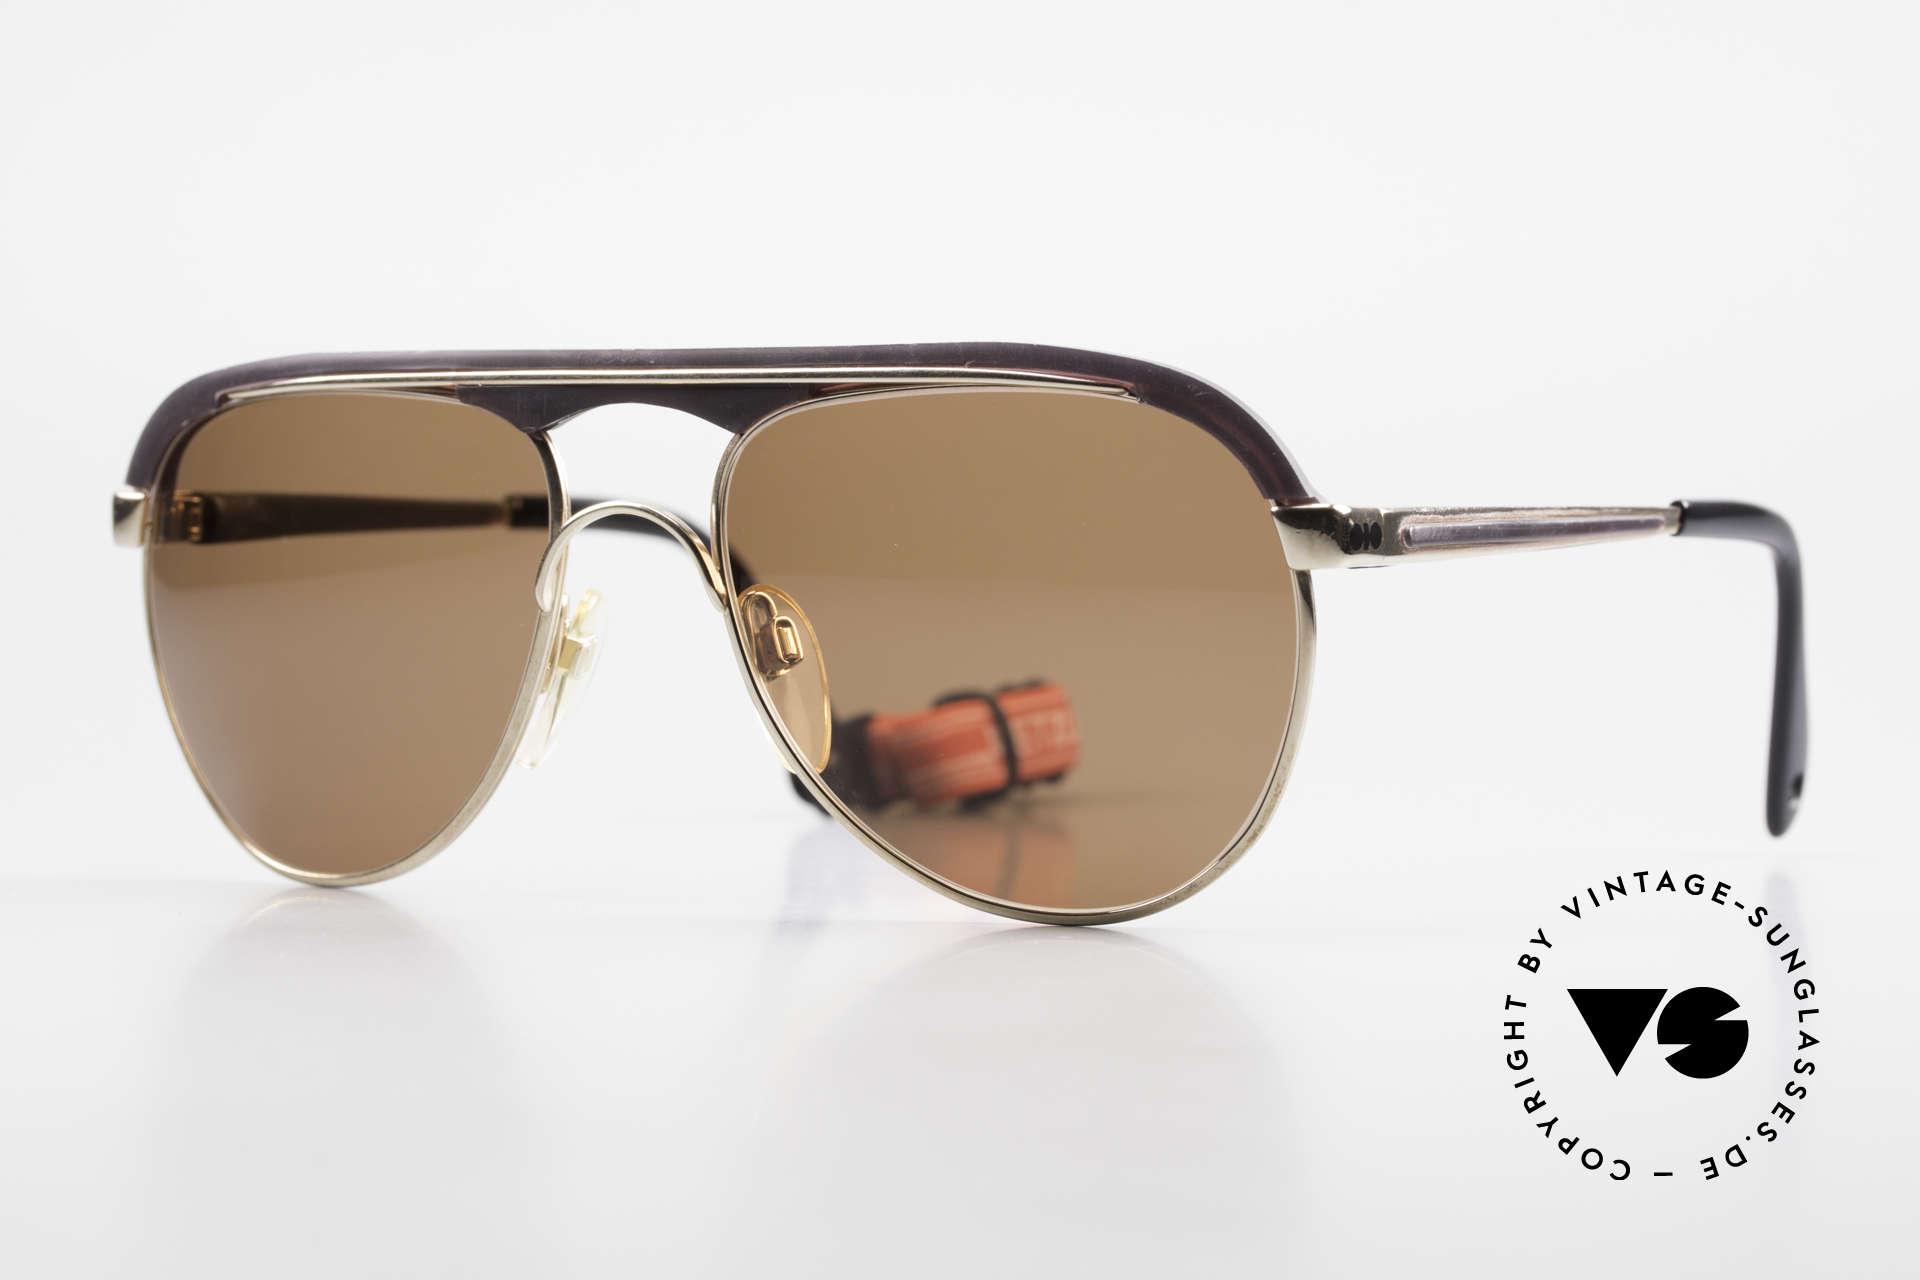 Metzler 0250 Echt 80er Sportsonnenbrille, alte Metzler Sportdesign-Sonnenbrille der 1980er, Passend für Herren